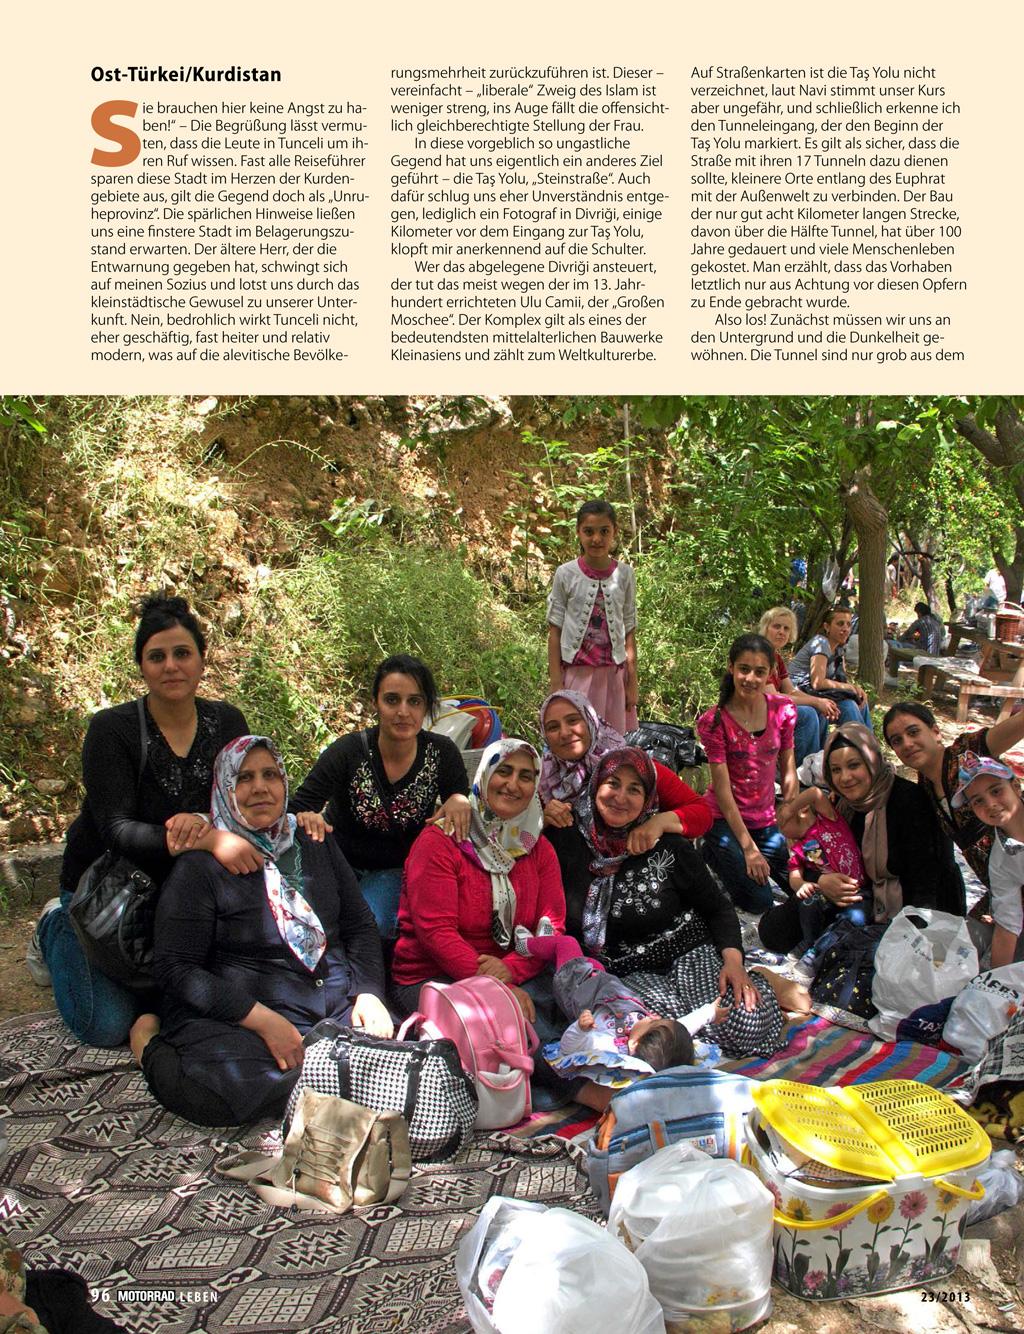 Durchs-Wilde-Kurdistan_2013_03.jpg